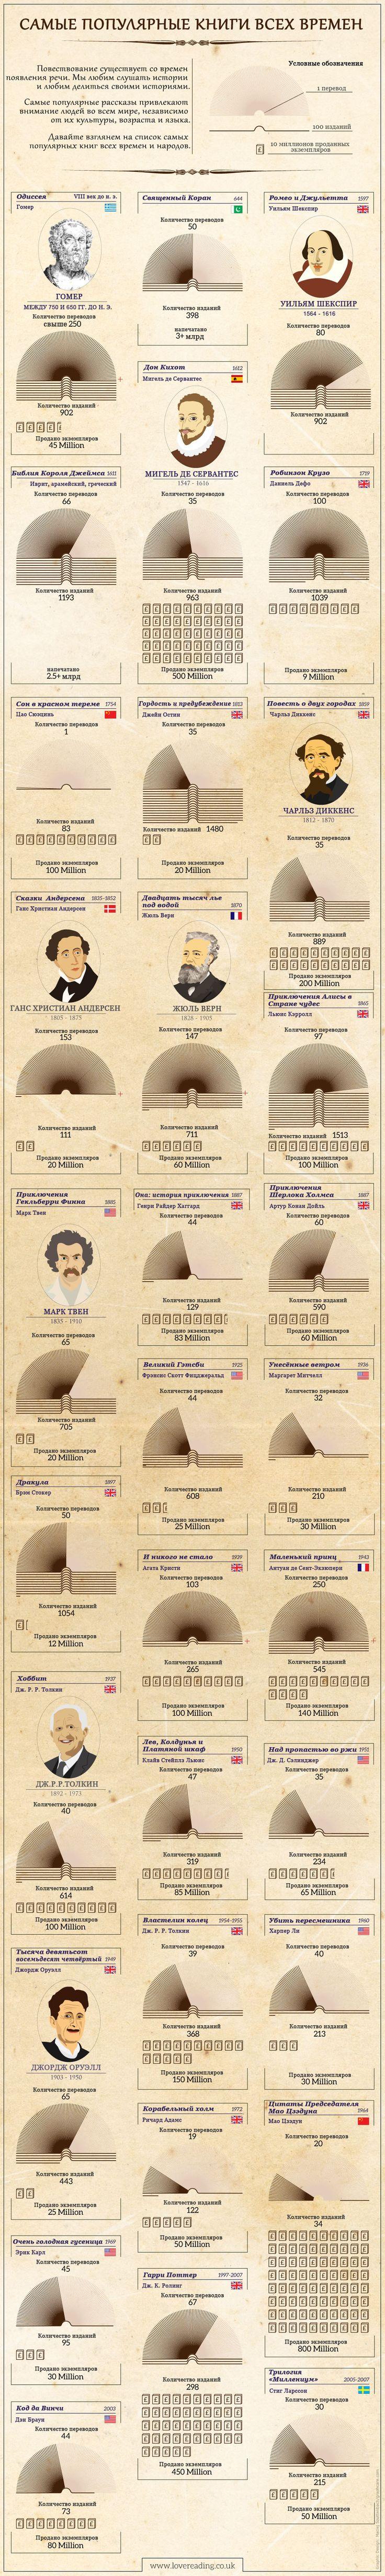 Популярные книги всех времен